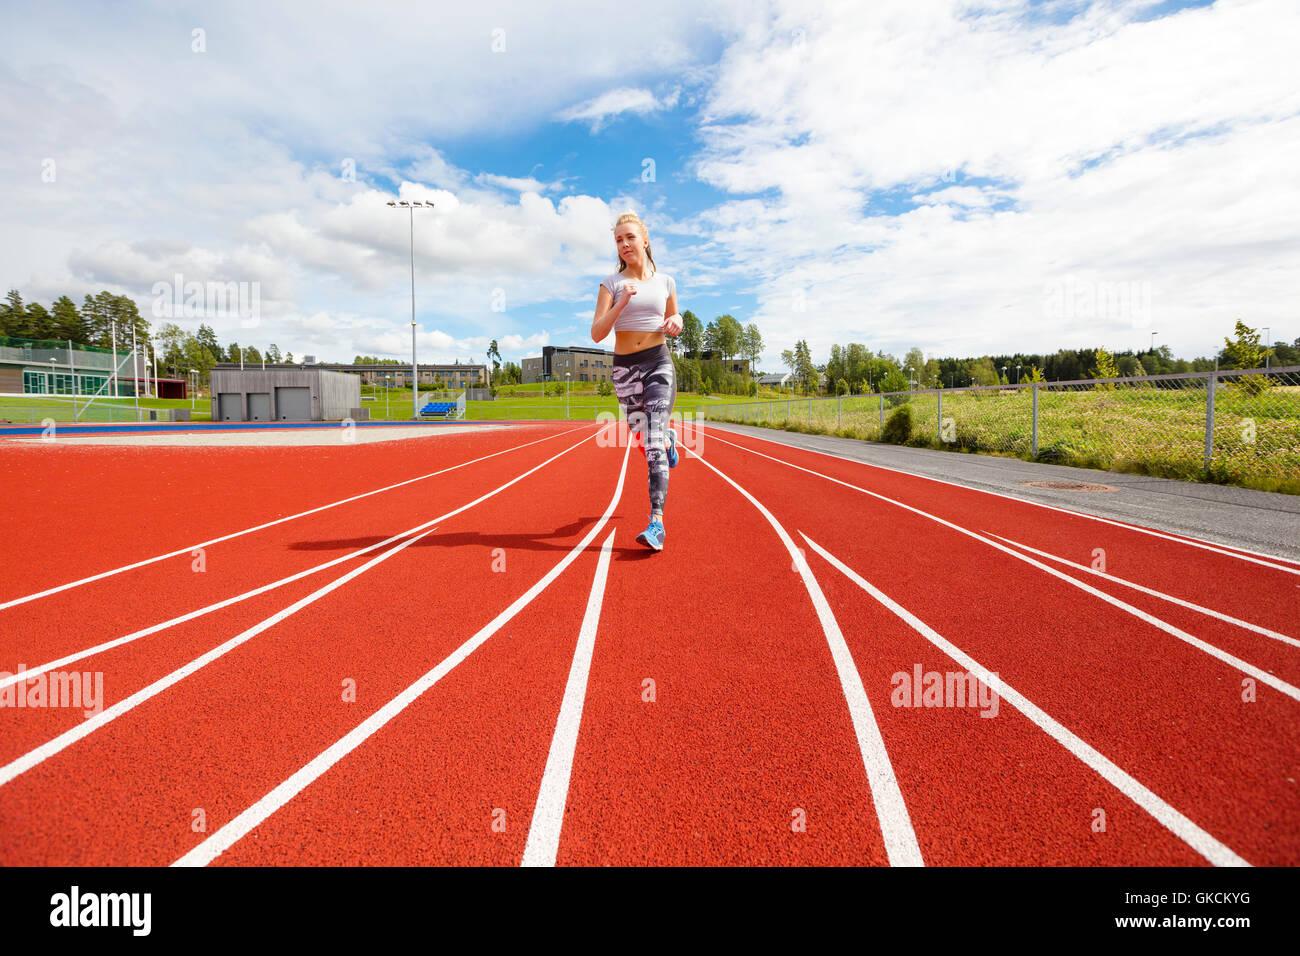 Fast athletic corredoras en pista de carrera al aire libre Imagen De Stock